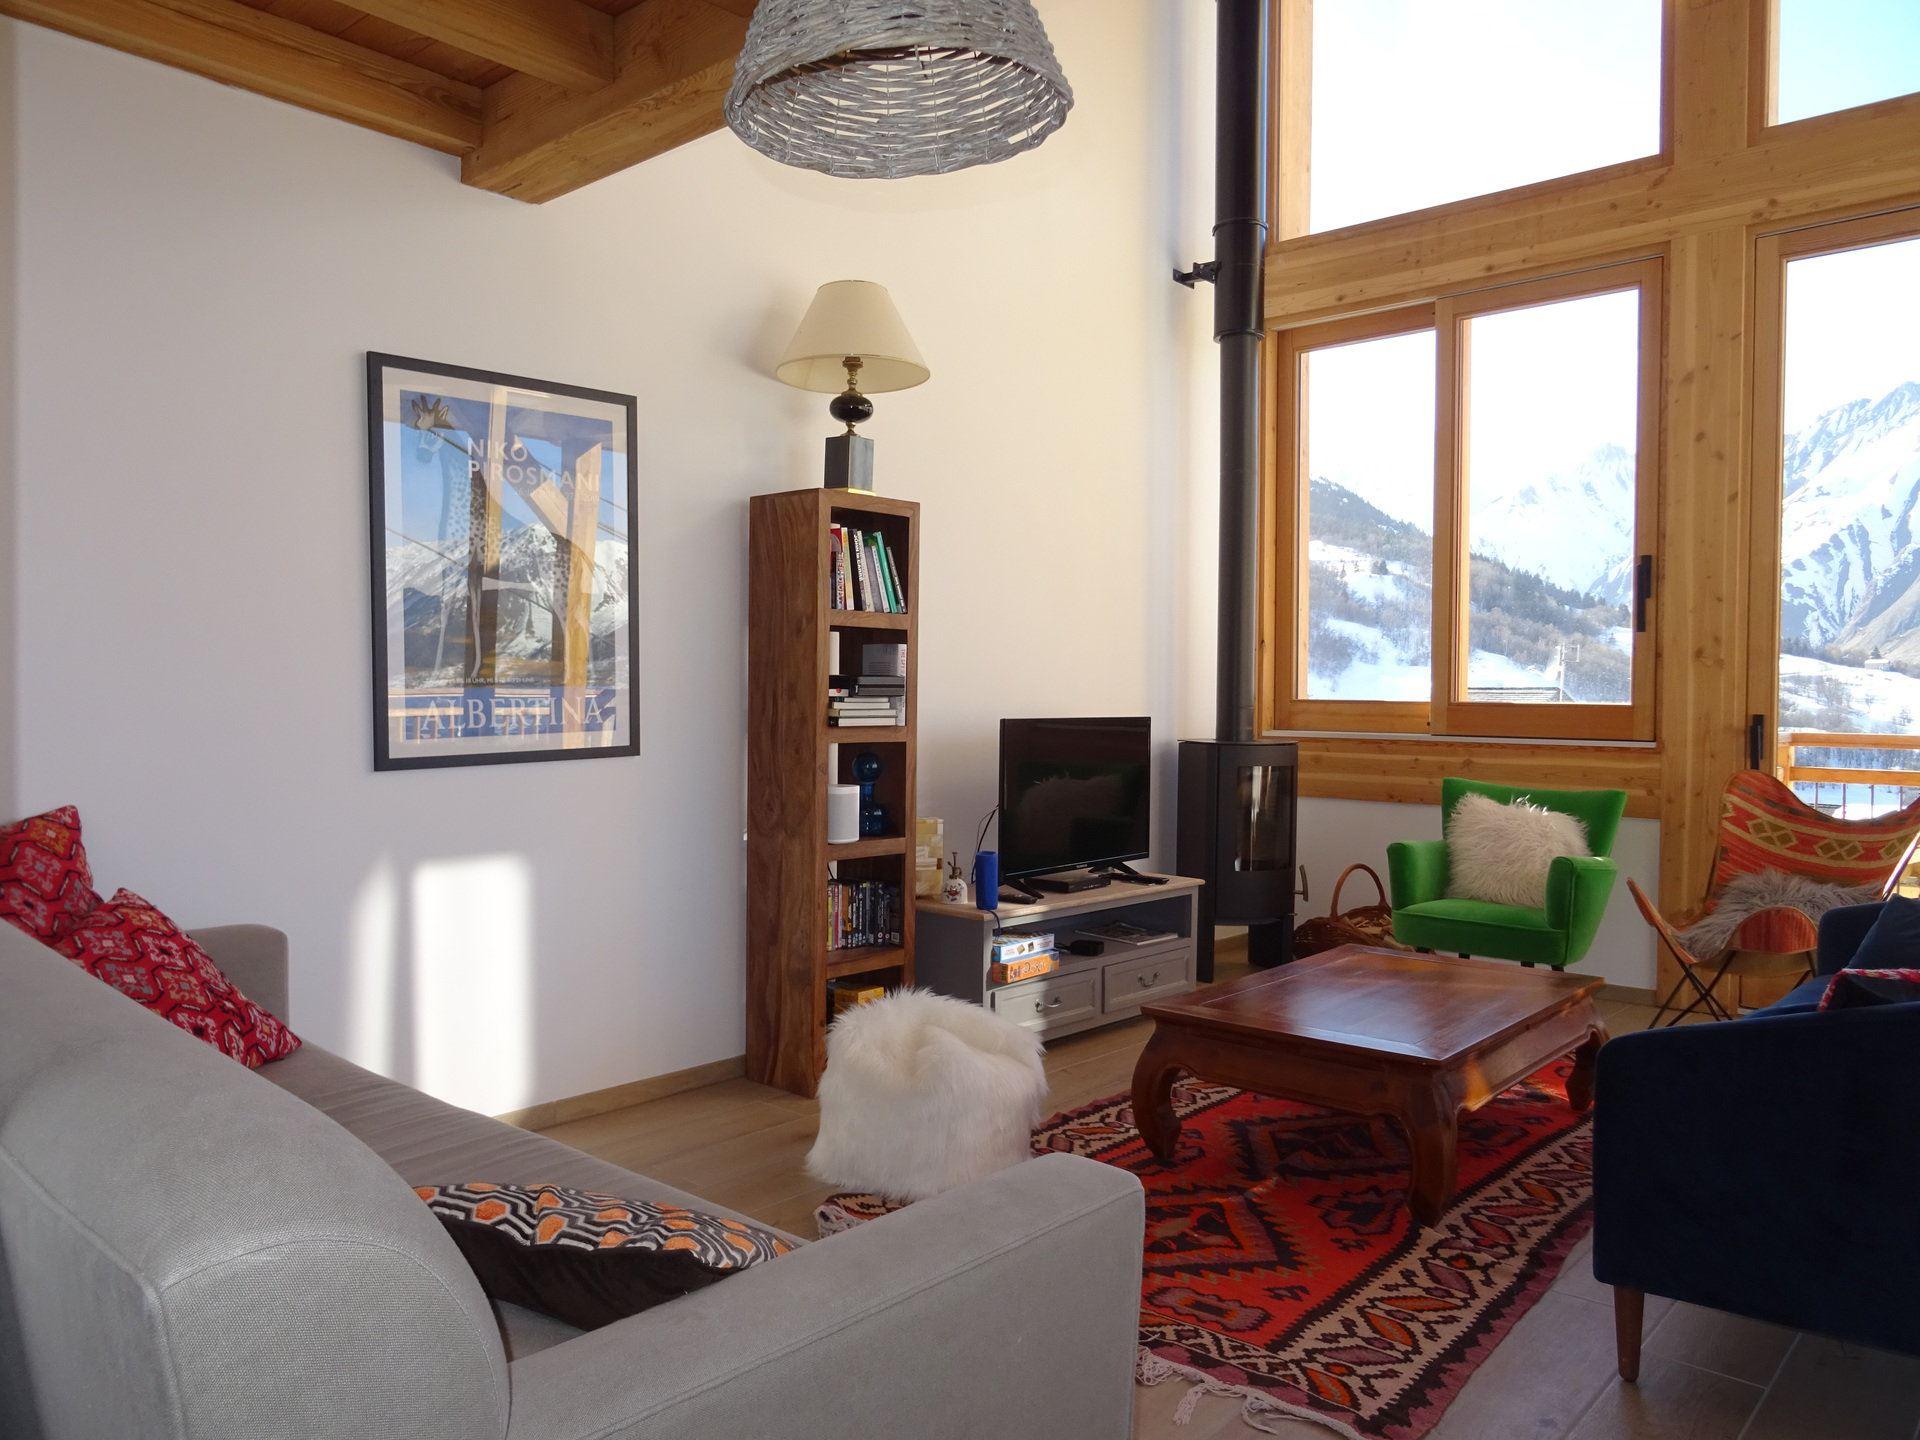 5 Room 8 Pers ski-in ski-out / CASEBLANCHE E15